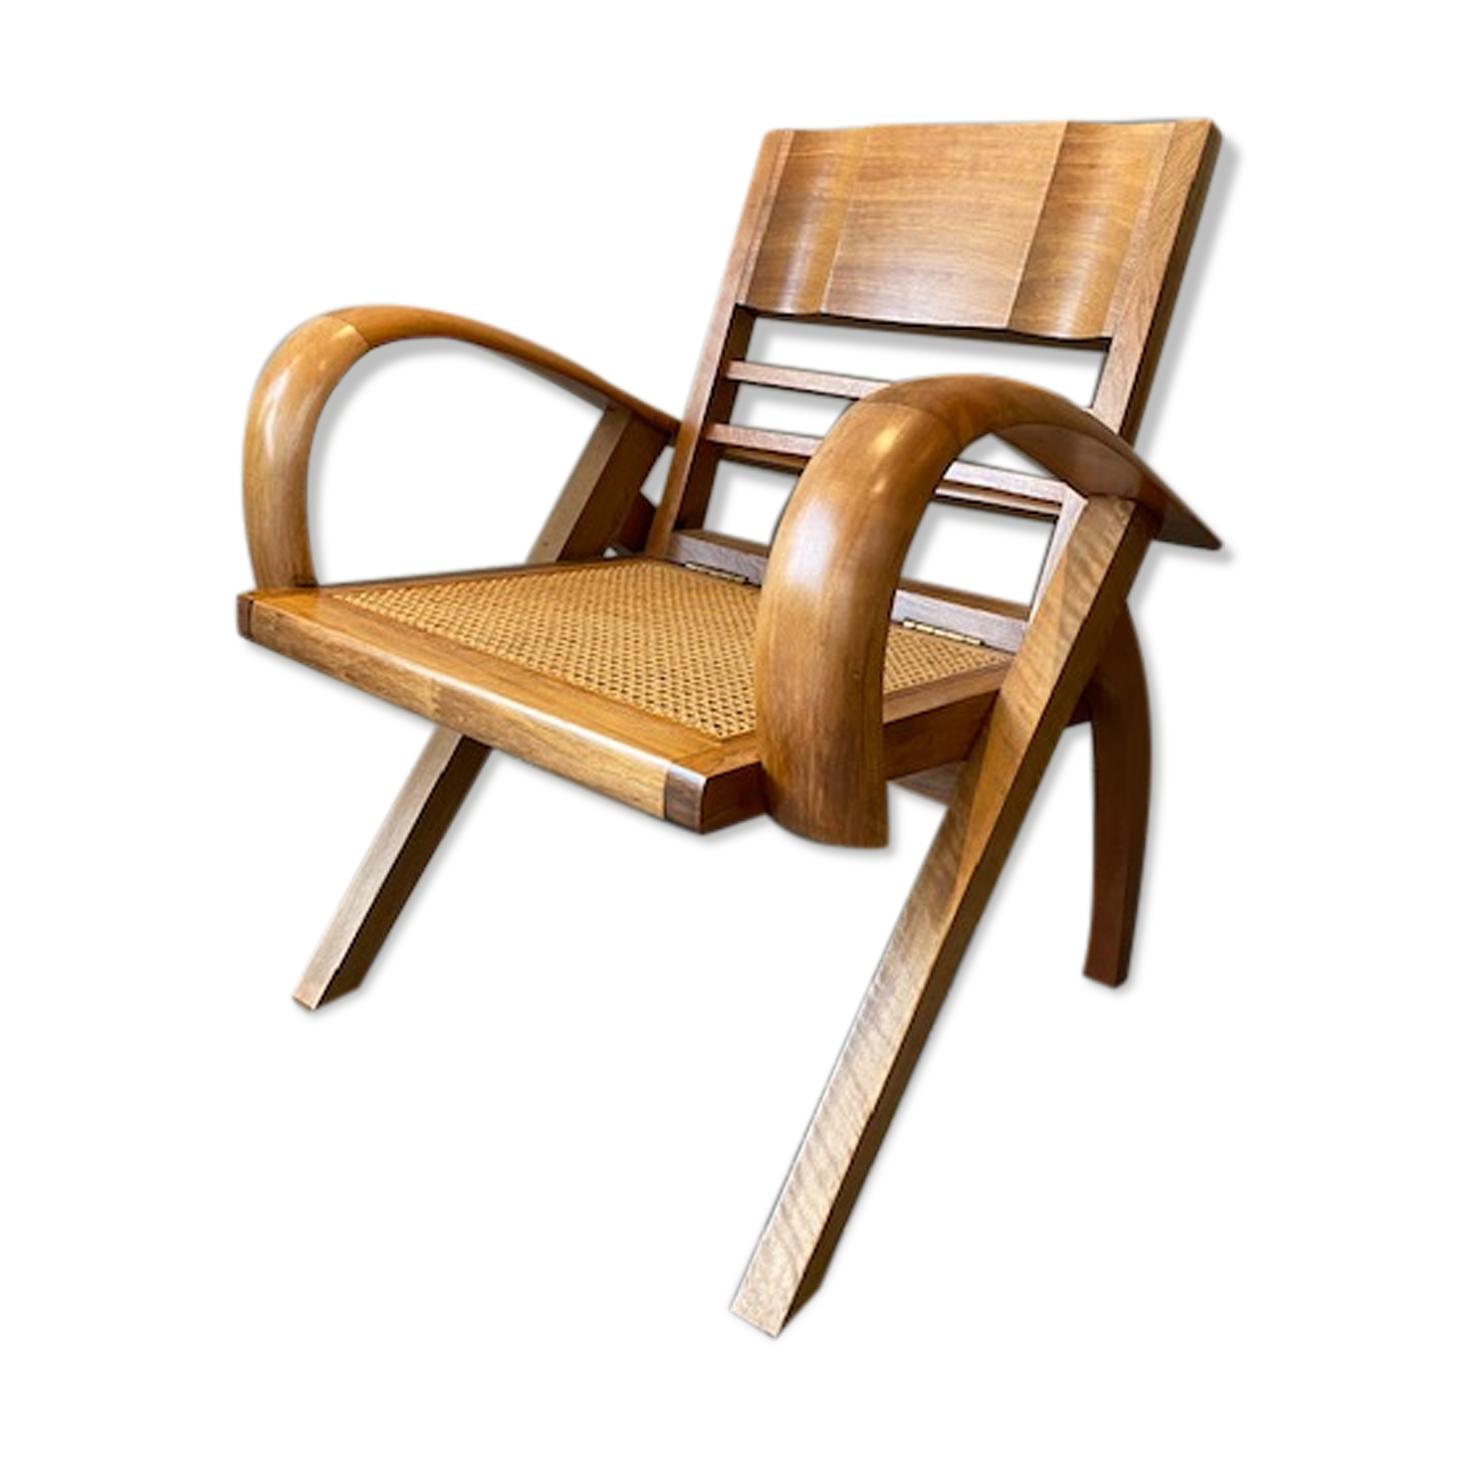 Fauteuil design bois courbé